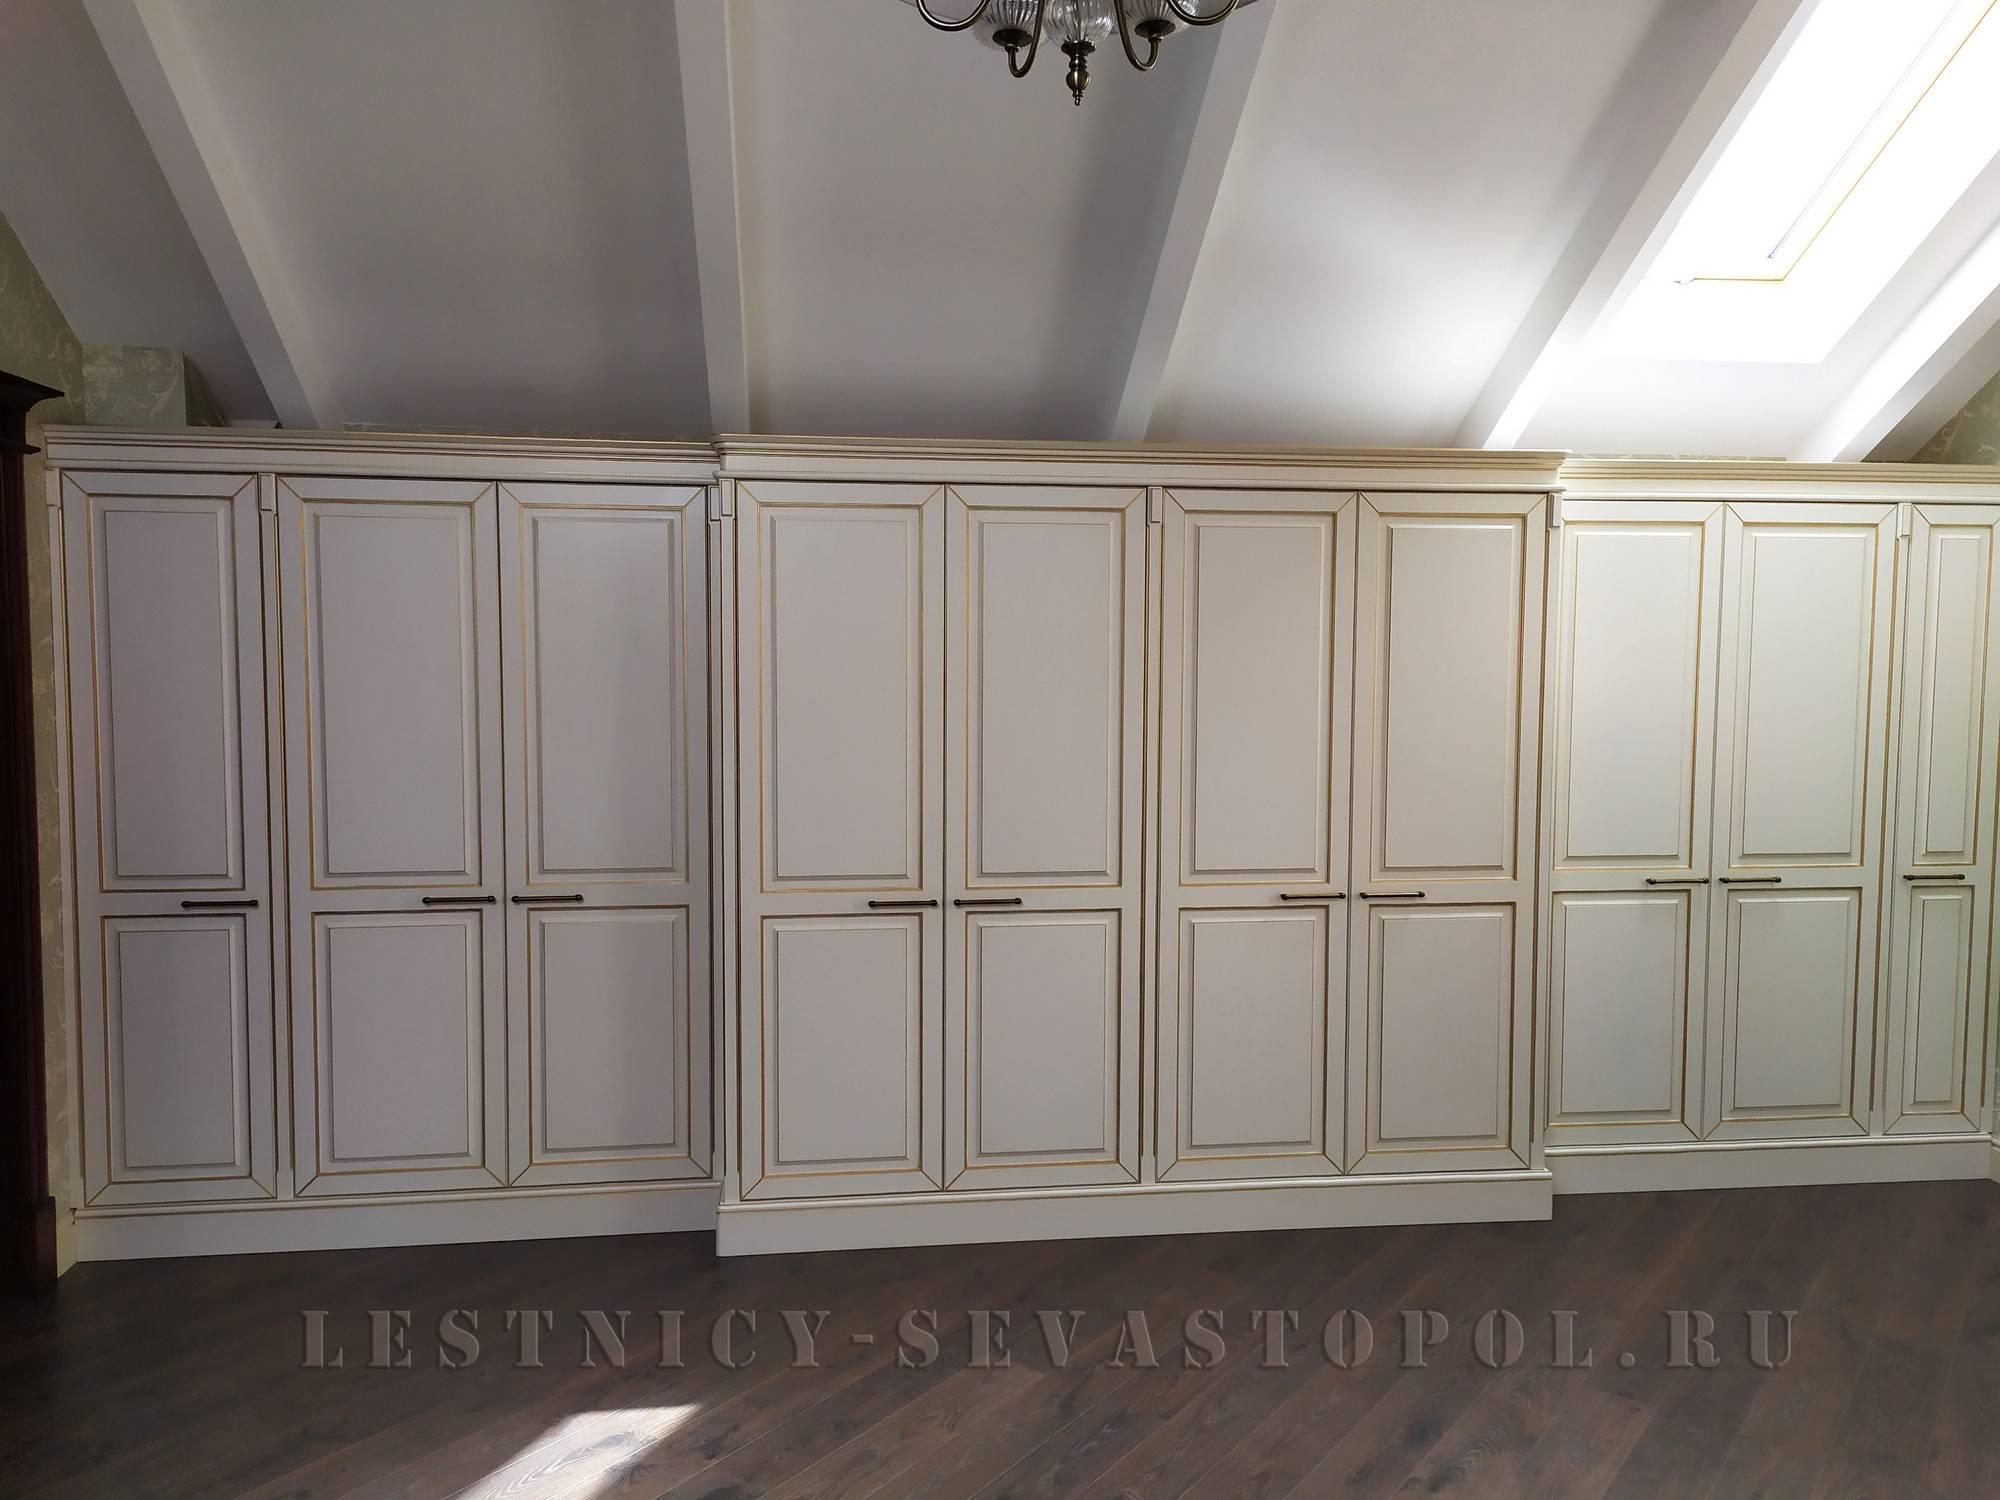 Шкаф на заказ Севастополь